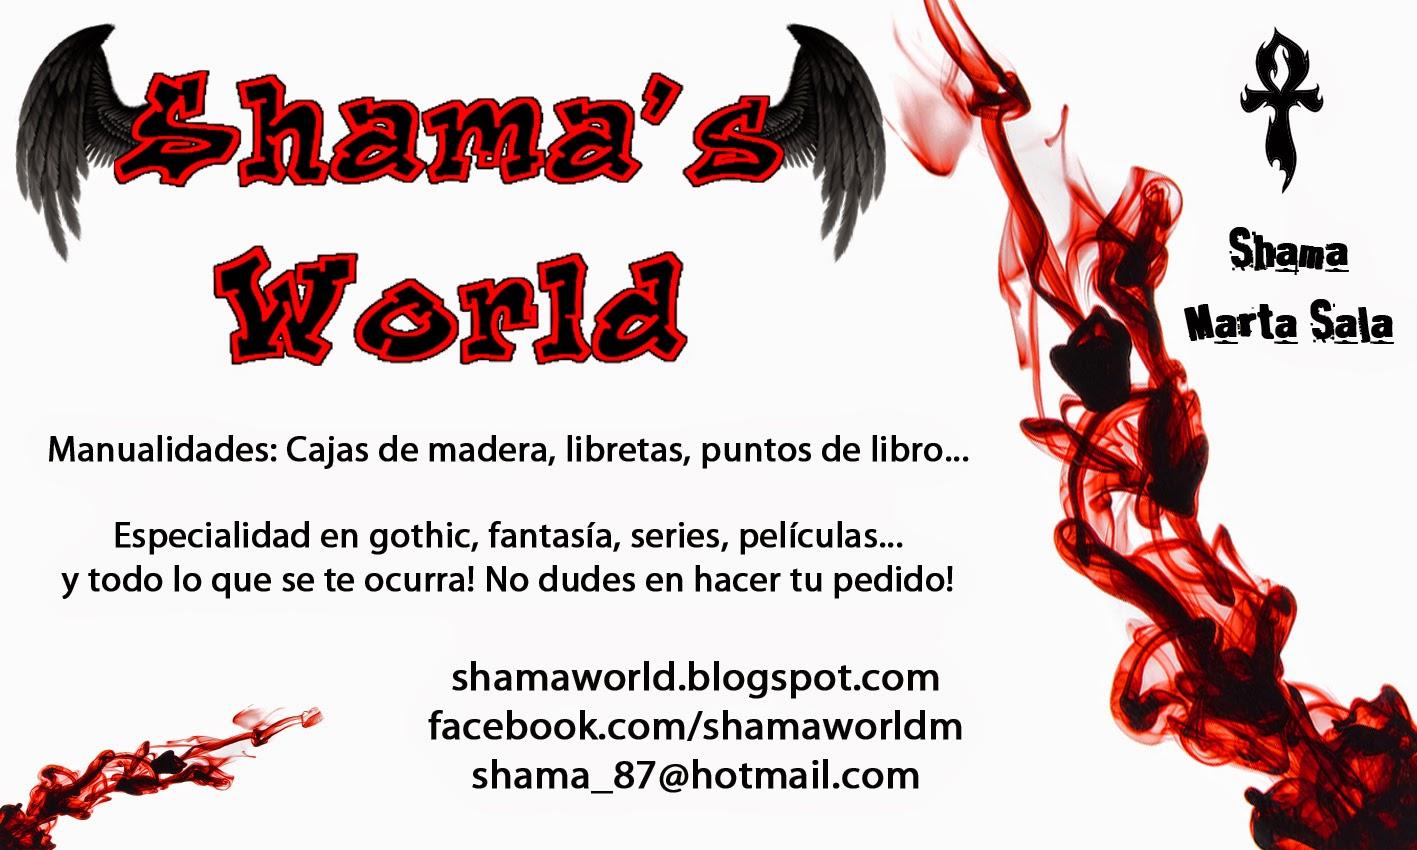 letras de rammstein traducidas en espanol: